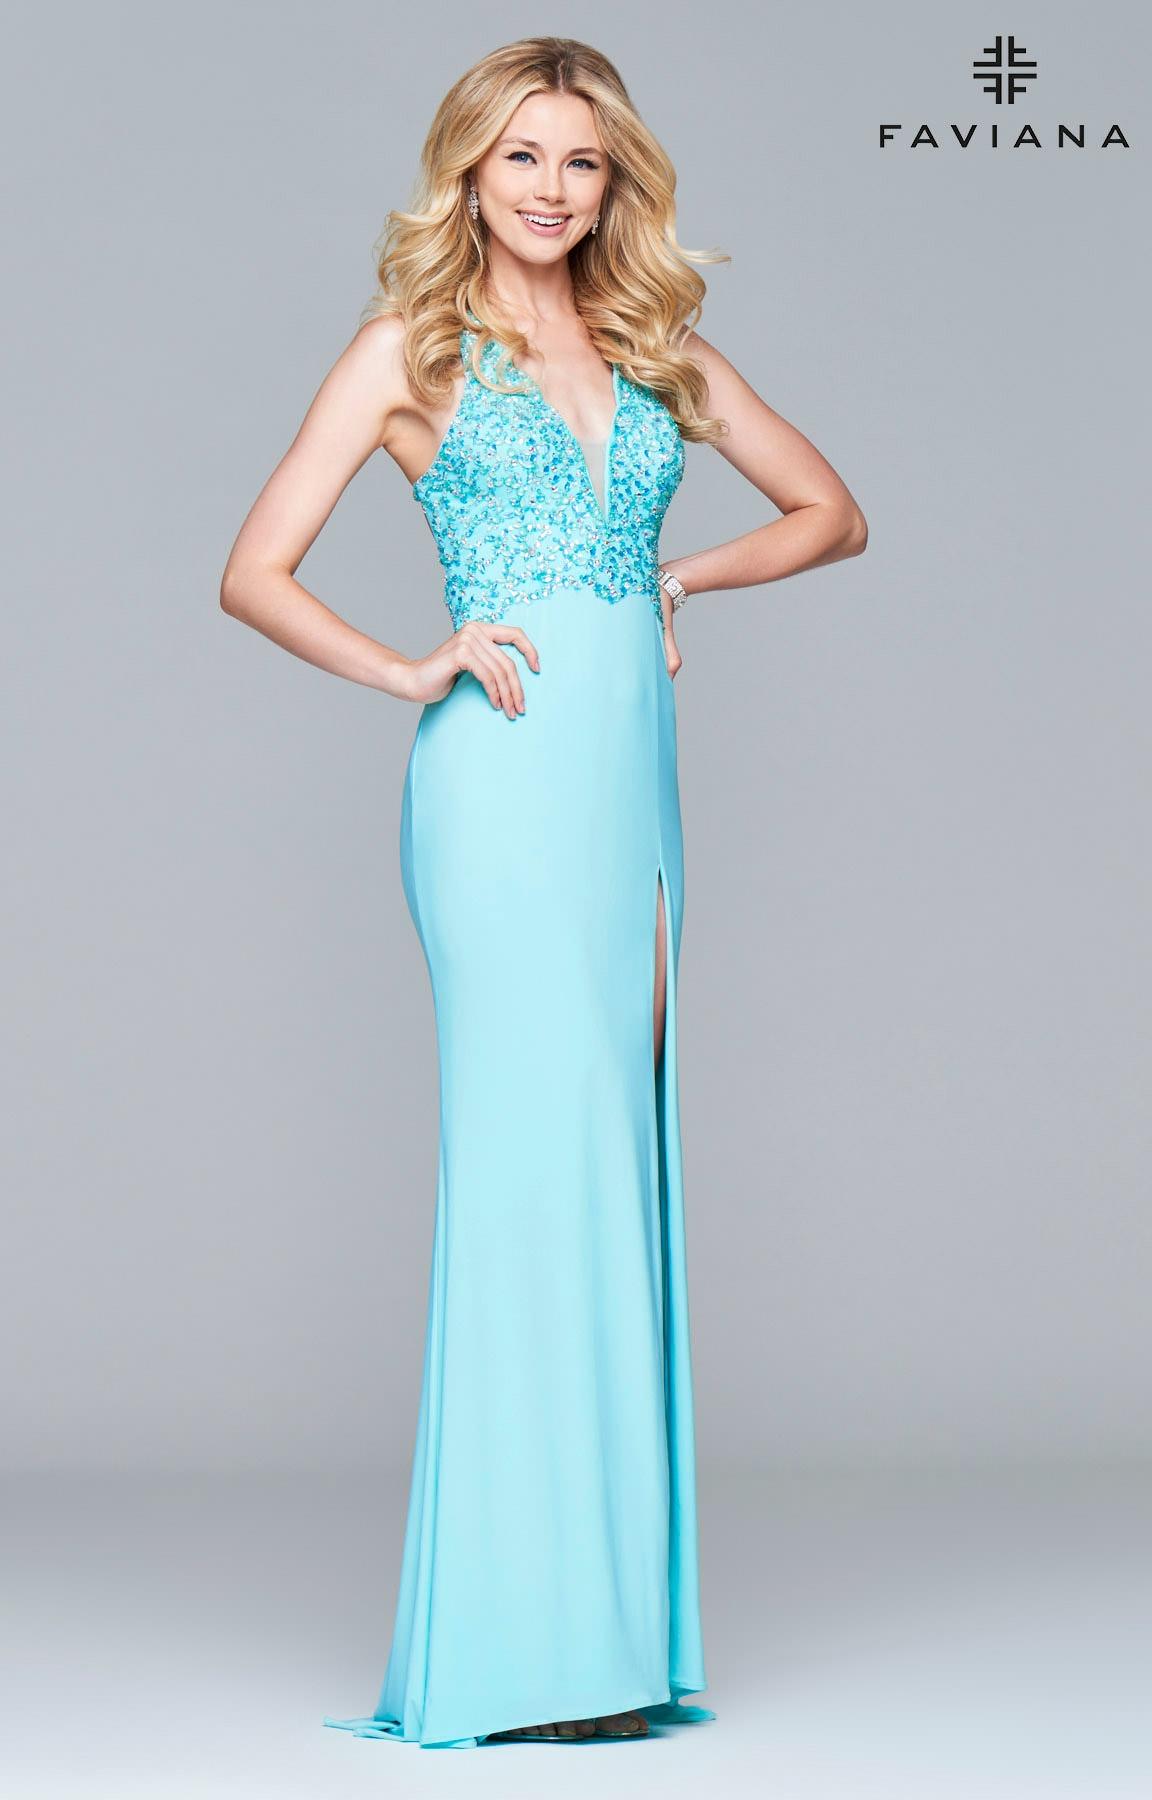 Faviana S7908 - Beaded Halter Jersey Dress Prom Dress